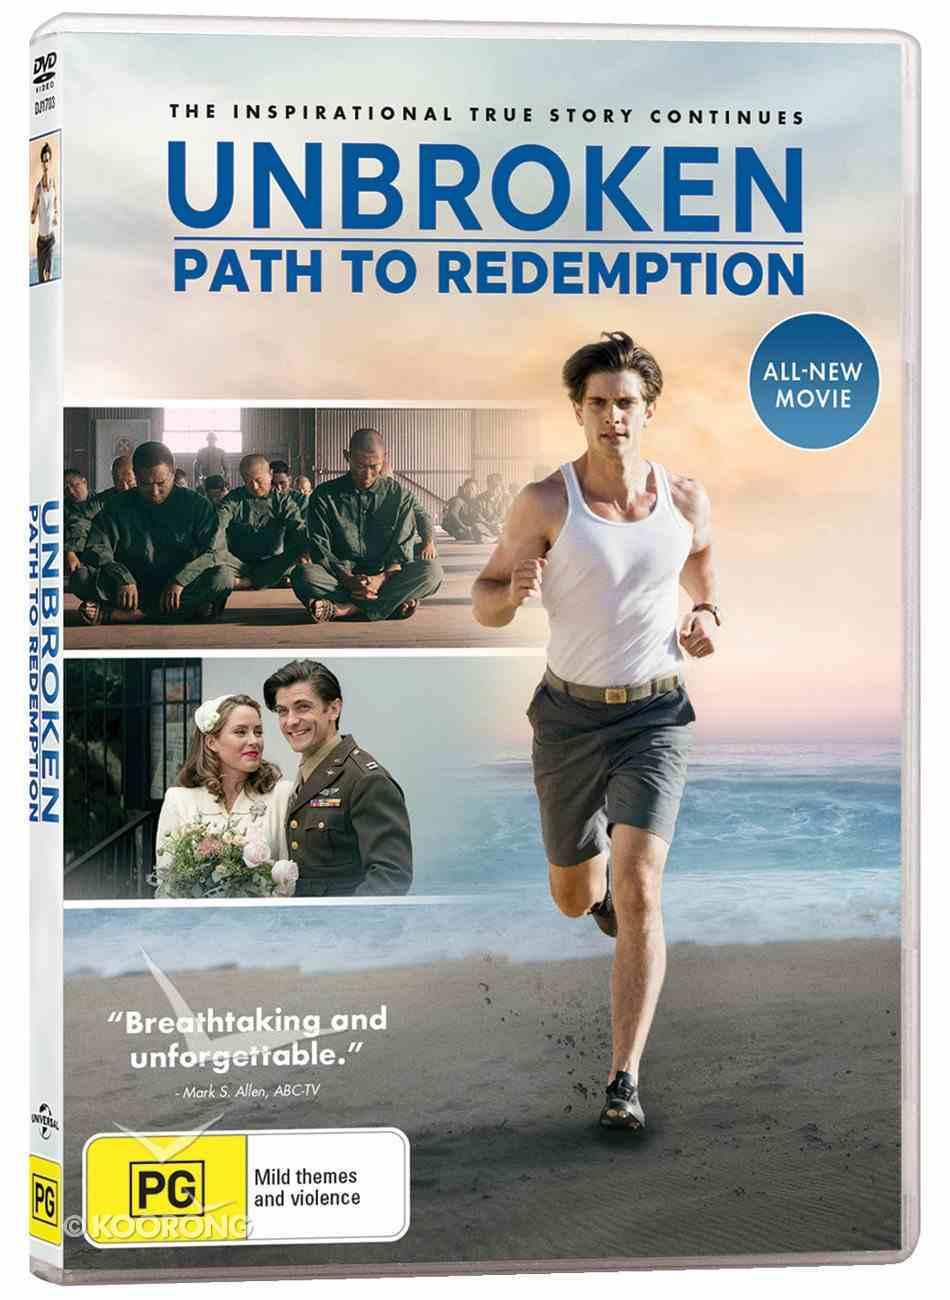 Unbroken: Path to Redemption DVD